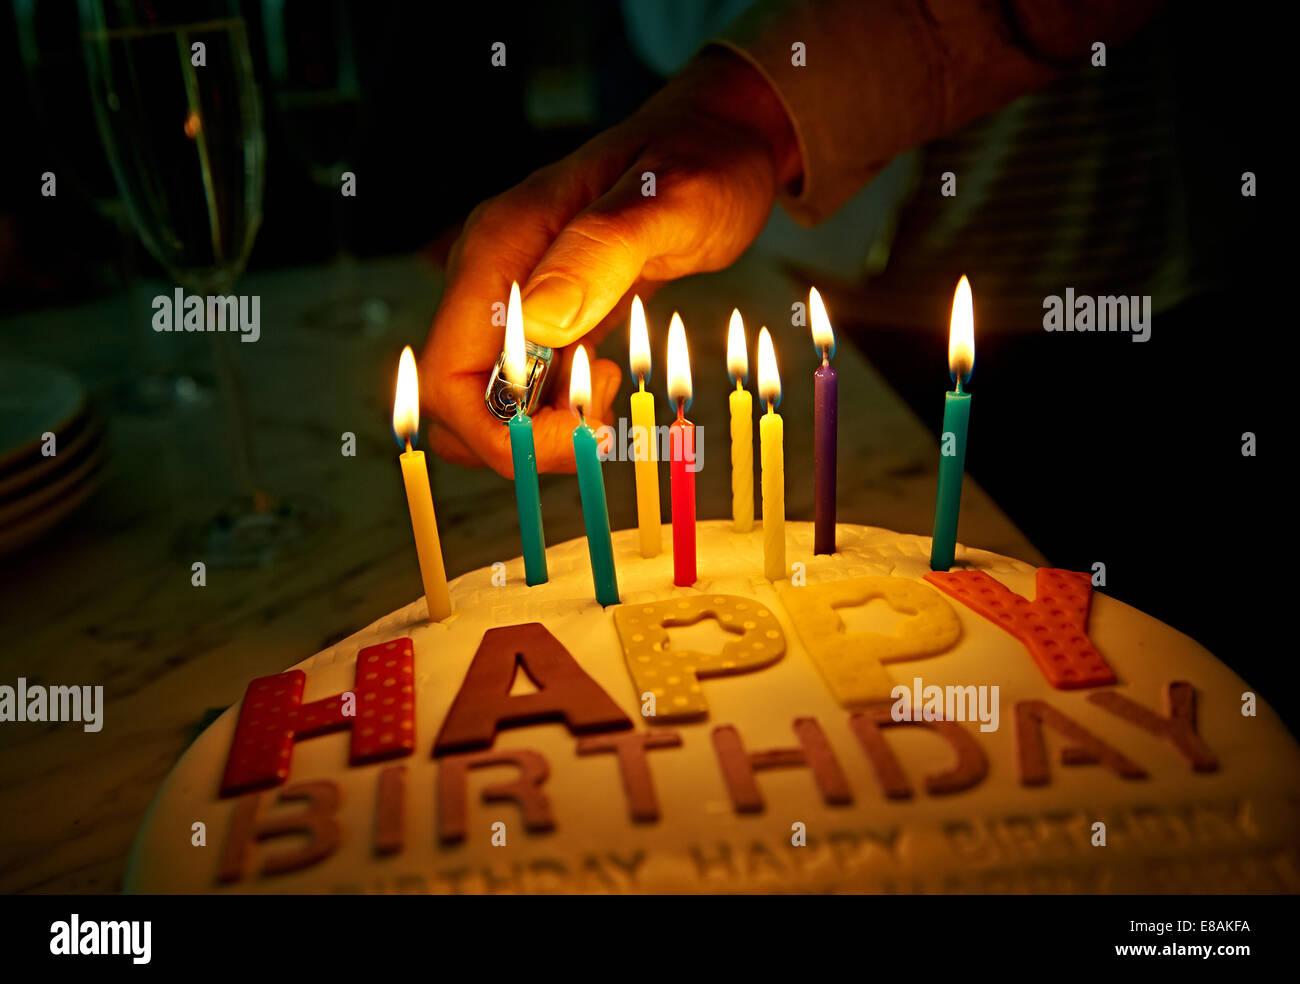 Hand anzünden von Kerzen auf der Geburtstagstorte Stockbild